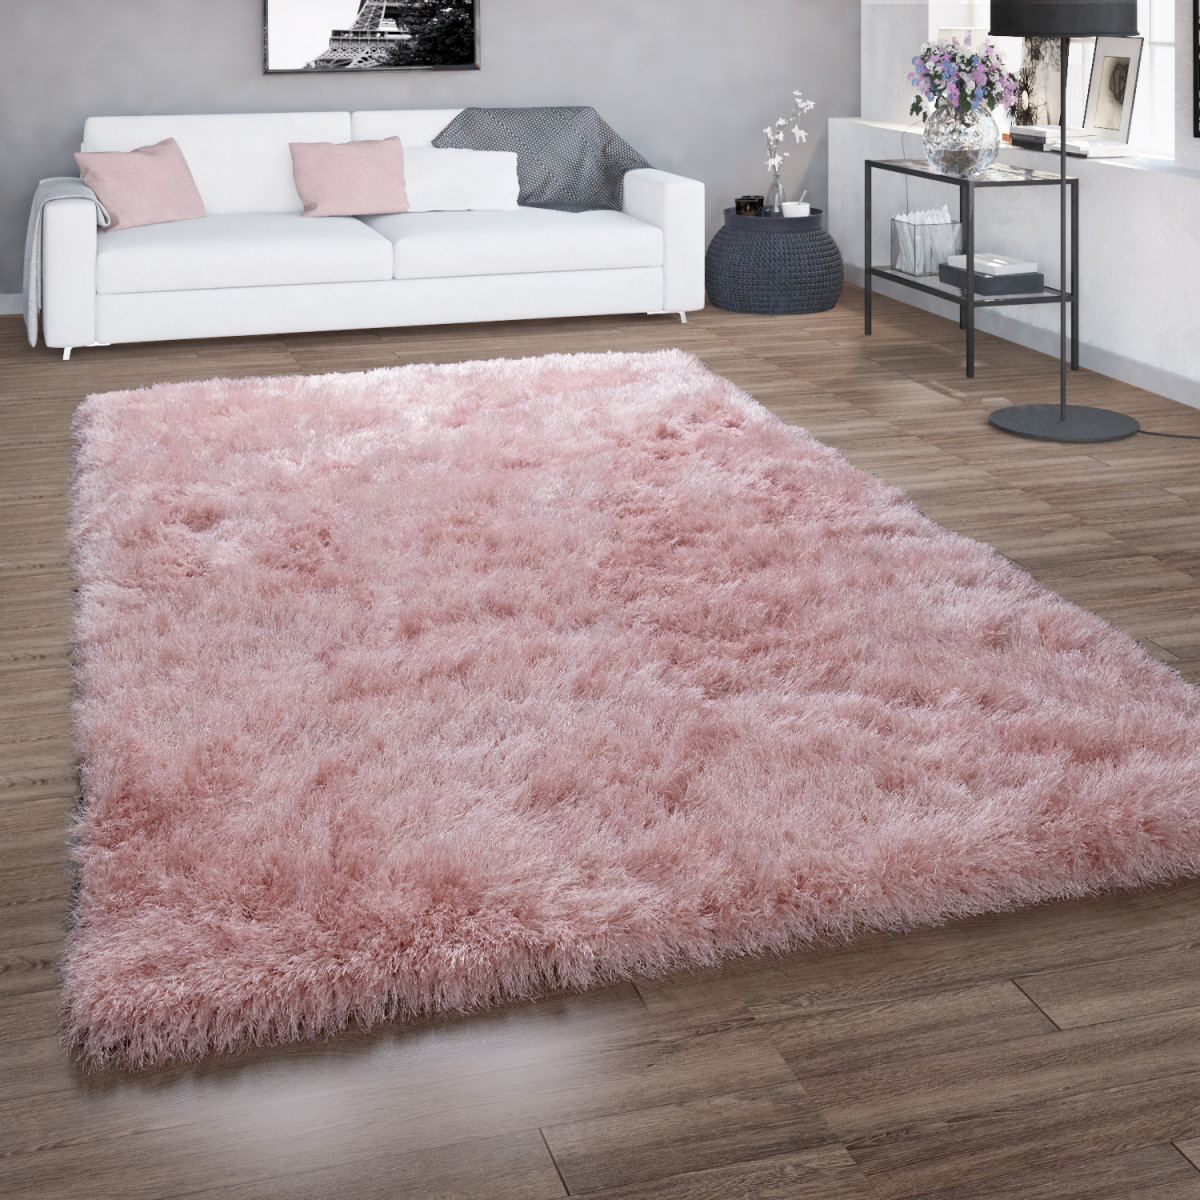 Details Zu Hochflorteppich Für Wohnzimmer Shaggy Mit Glitzergarn  Einfarbig In Rosa von Flauschiger Teppich Wohnzimmer Photo